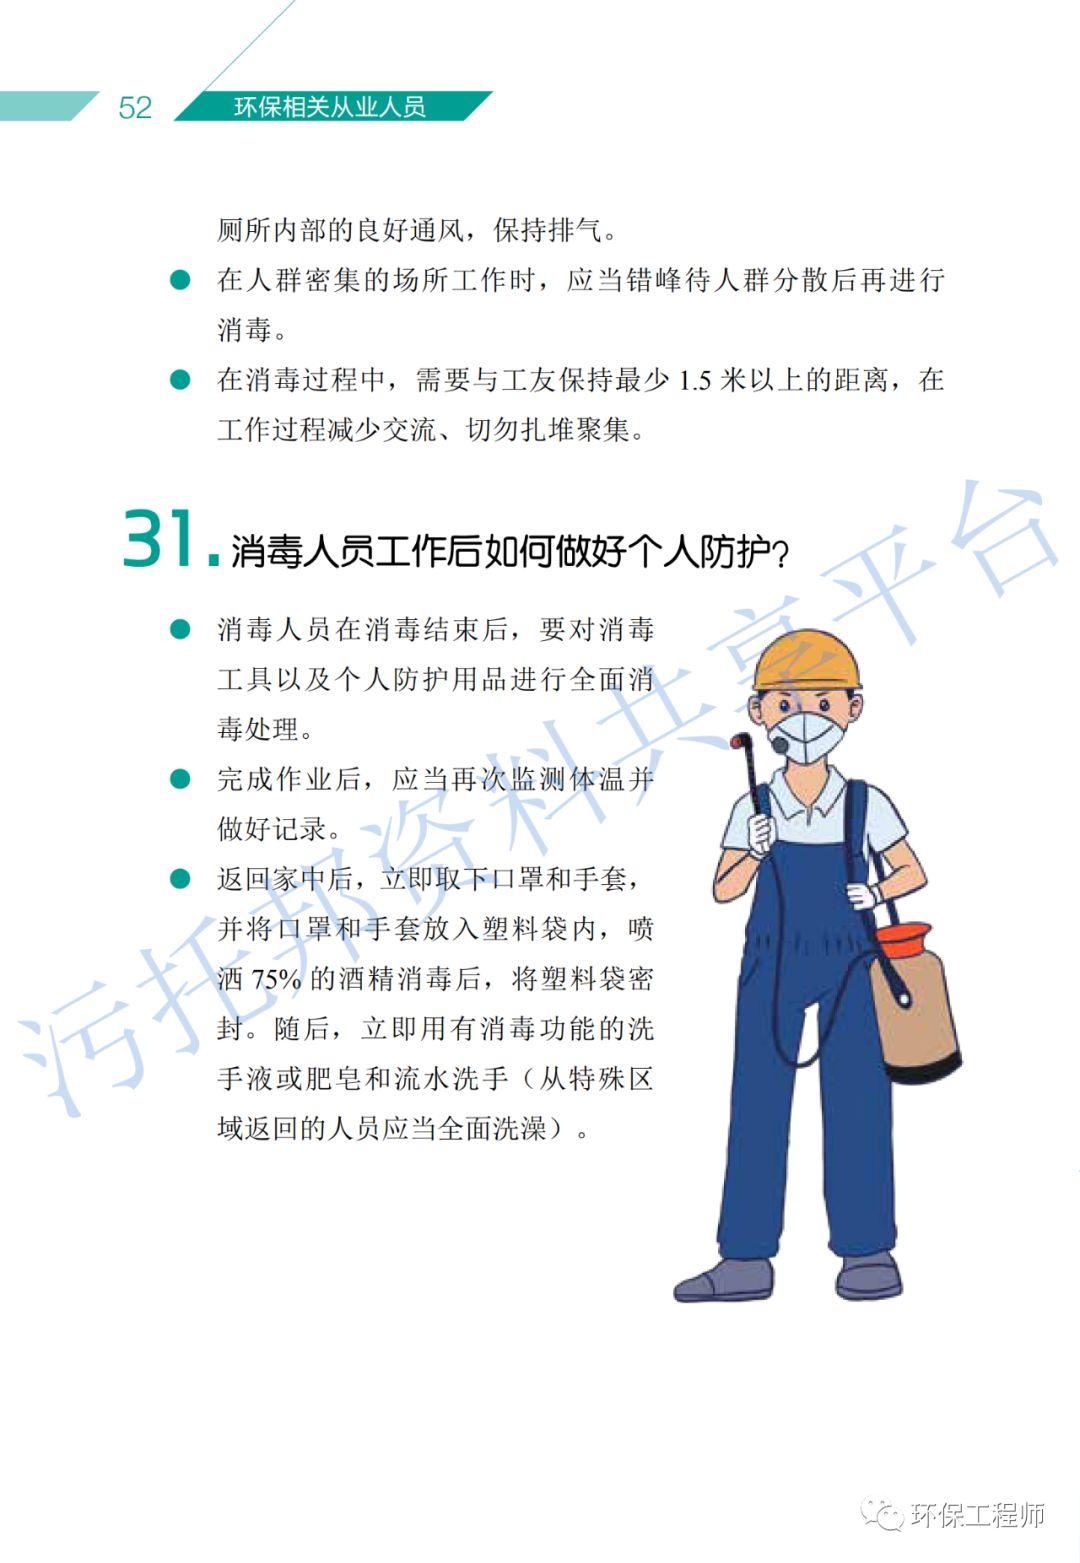 《环保从业人员新型冠状病毒疫情防护手册》_33